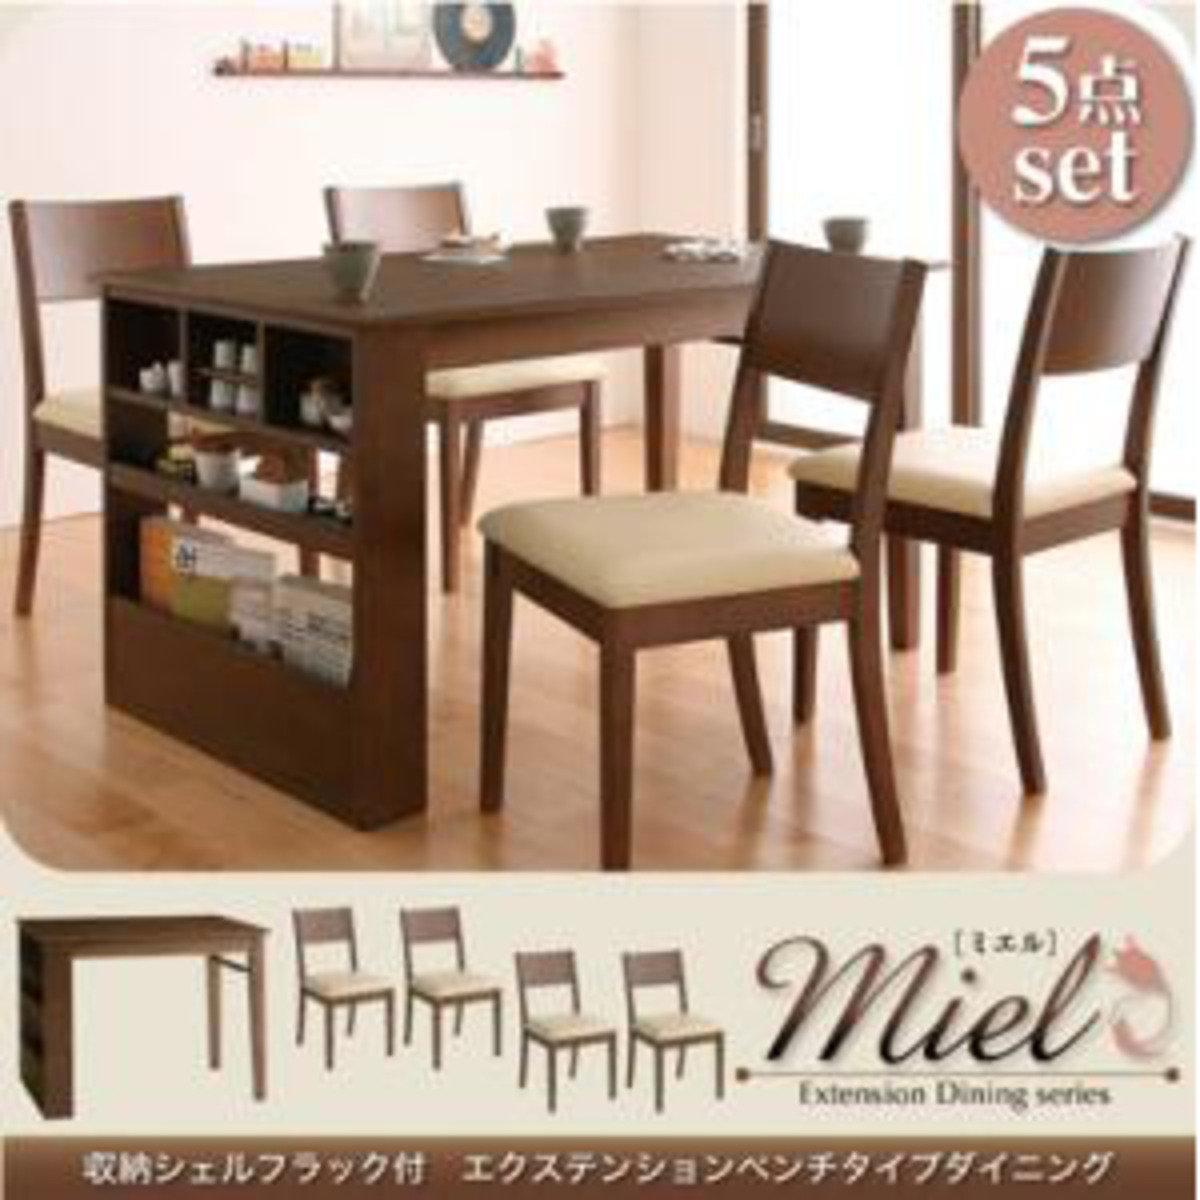 Mile伸縮收納餐桌-5点